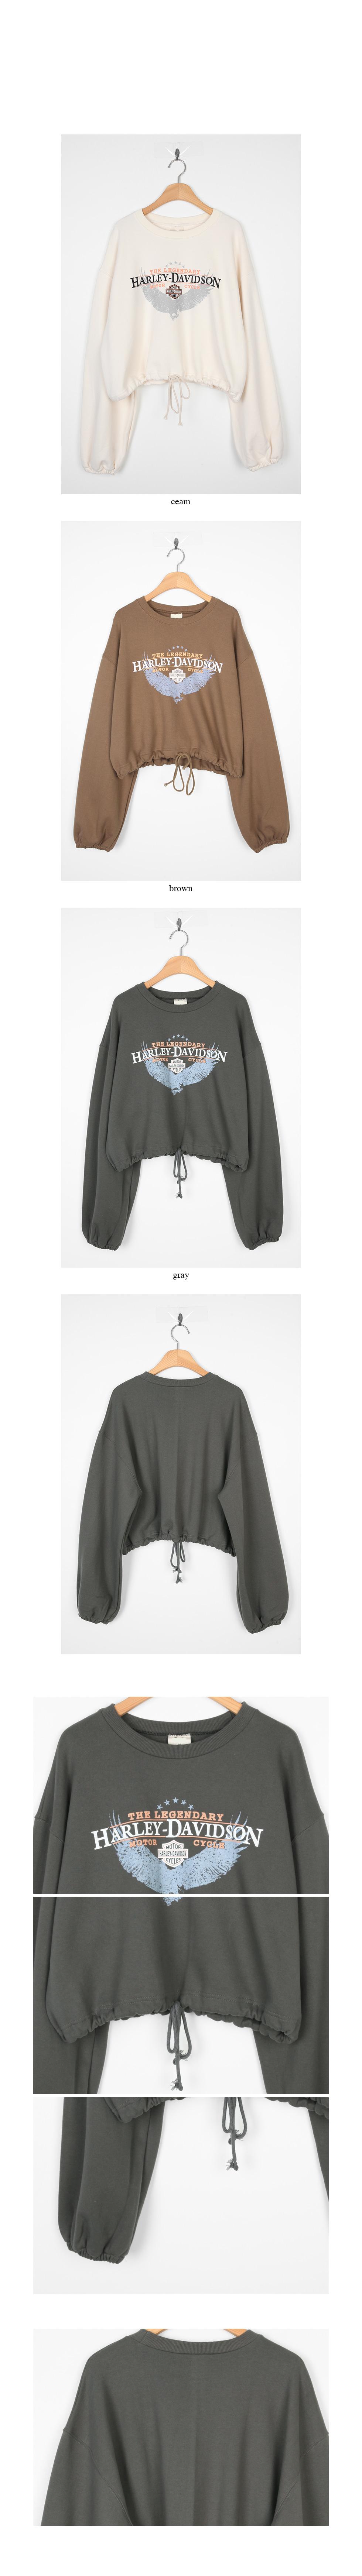 vintage printing crop sweatshirts